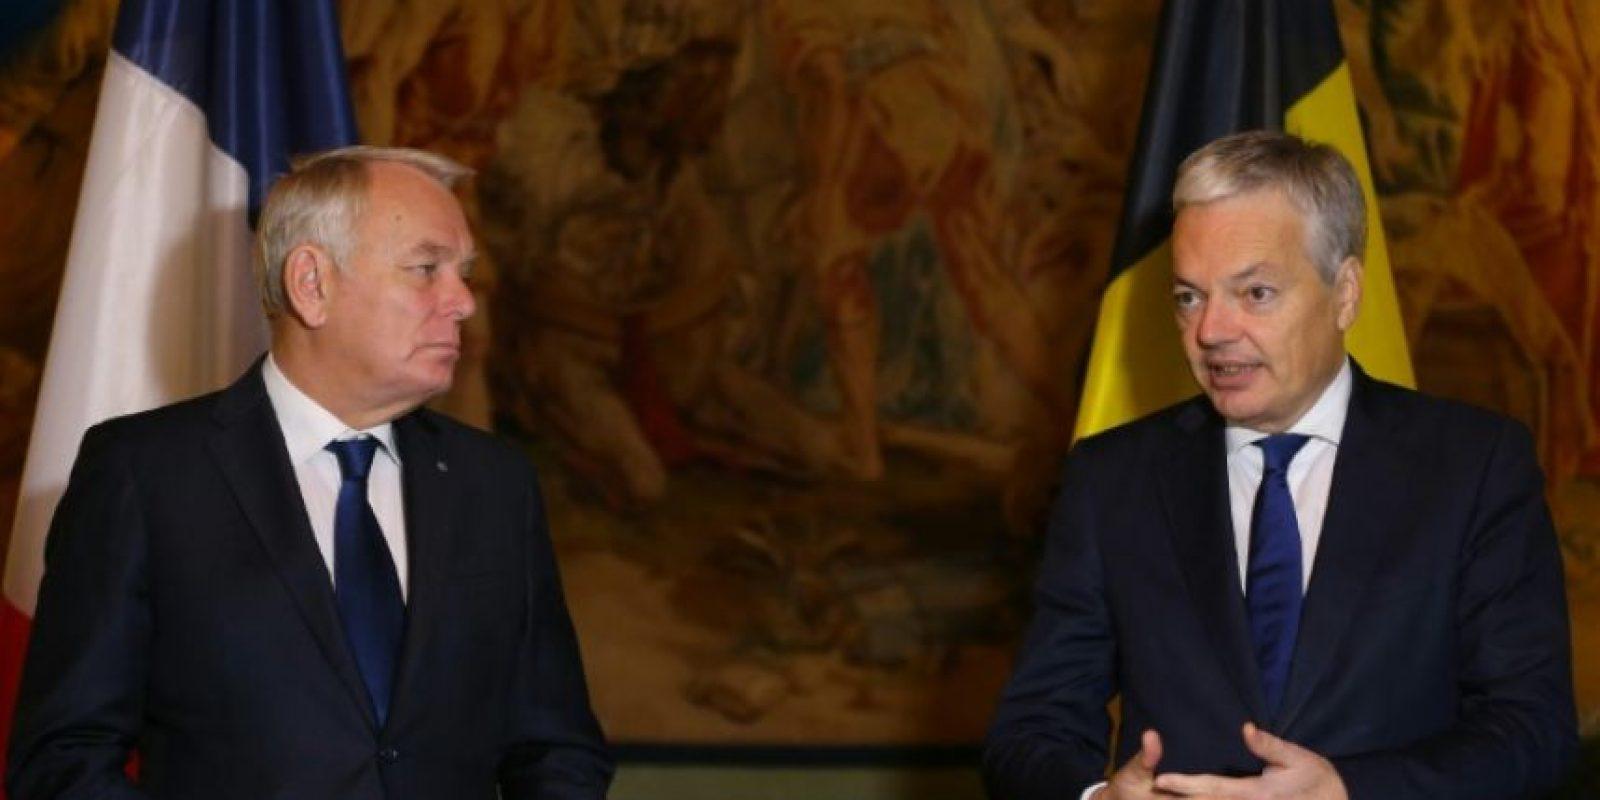 El Ministro de Relaciones Exteriores de Francia, Jean-Marc Ayrault (L), y su par belga, Didier Reynders, dan una conferencia de prensa tras su reunión en el Palacio Egmont de Bruselas, el 15 de noviembre de 2016 Foto:NICOLAS MAETERLINCK/afp.com